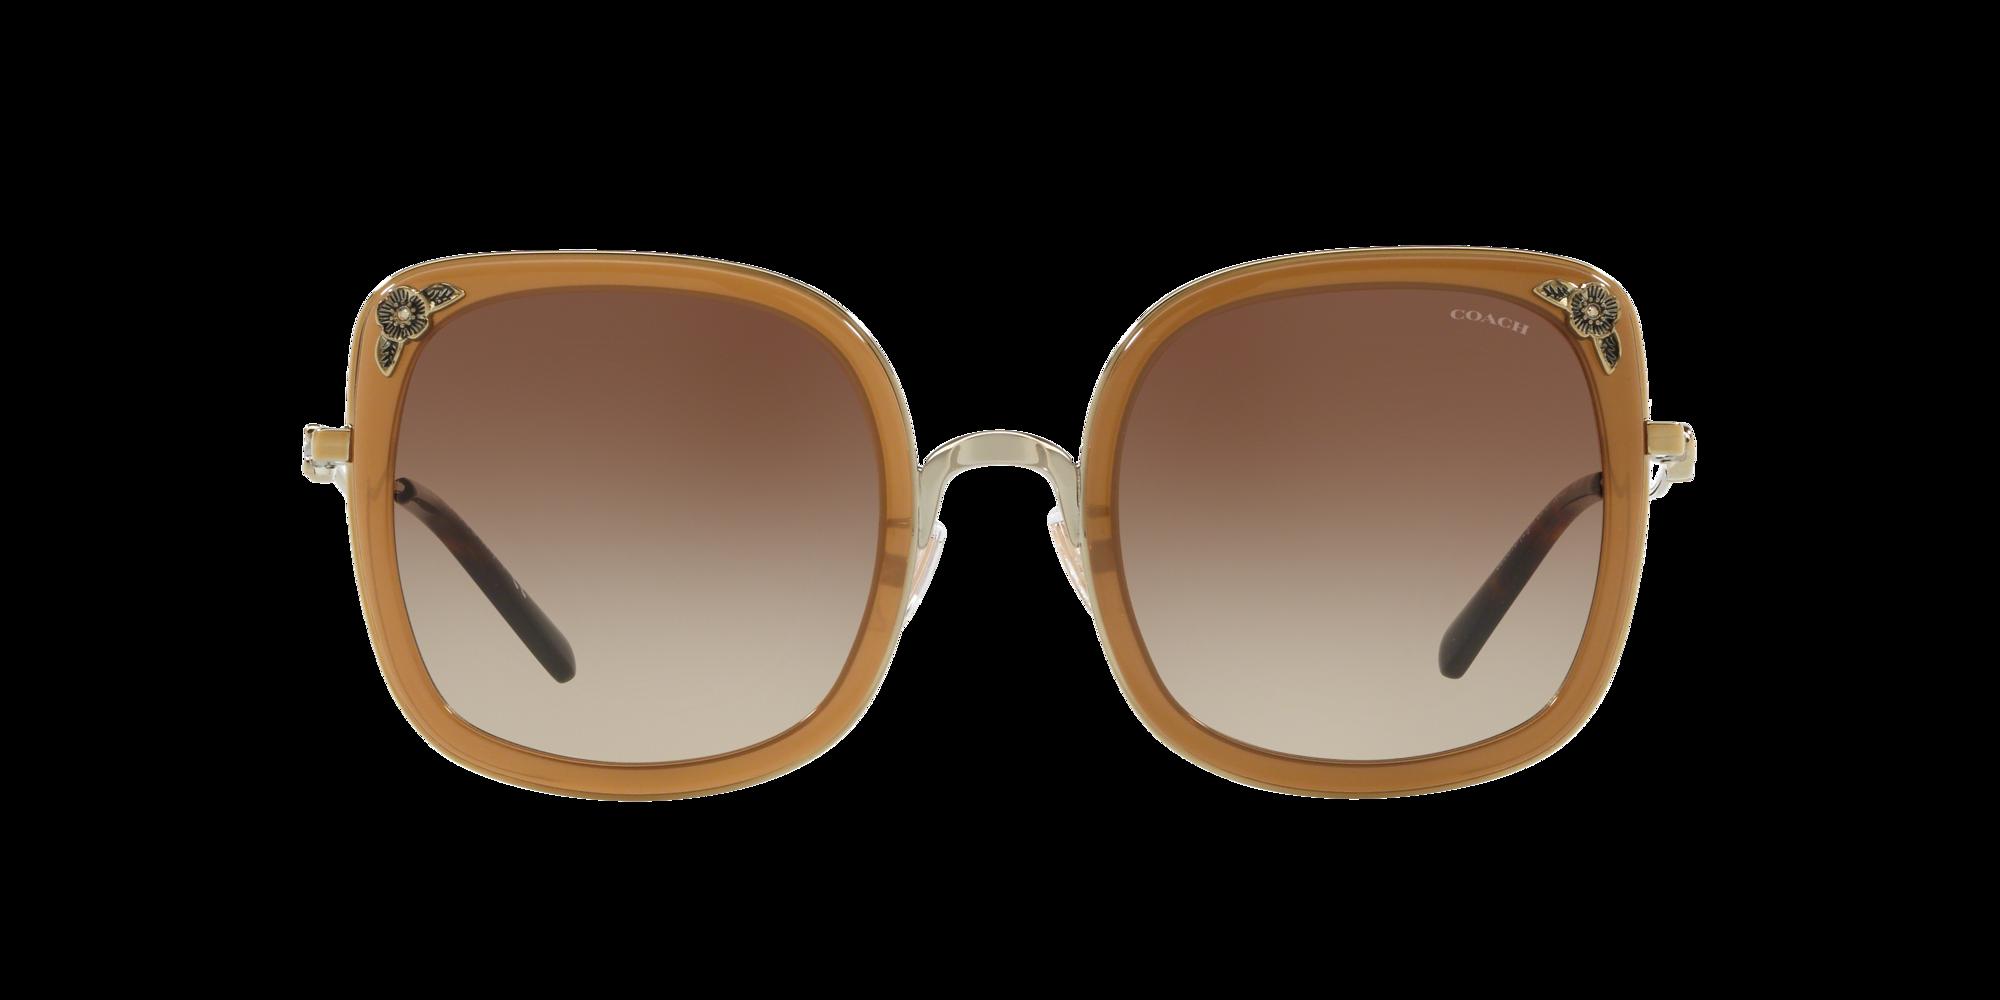 Imagen para HC7101B 53 L1081 de LensCrafters |  Espejuelos, espejuelos graduados en línea, gafas